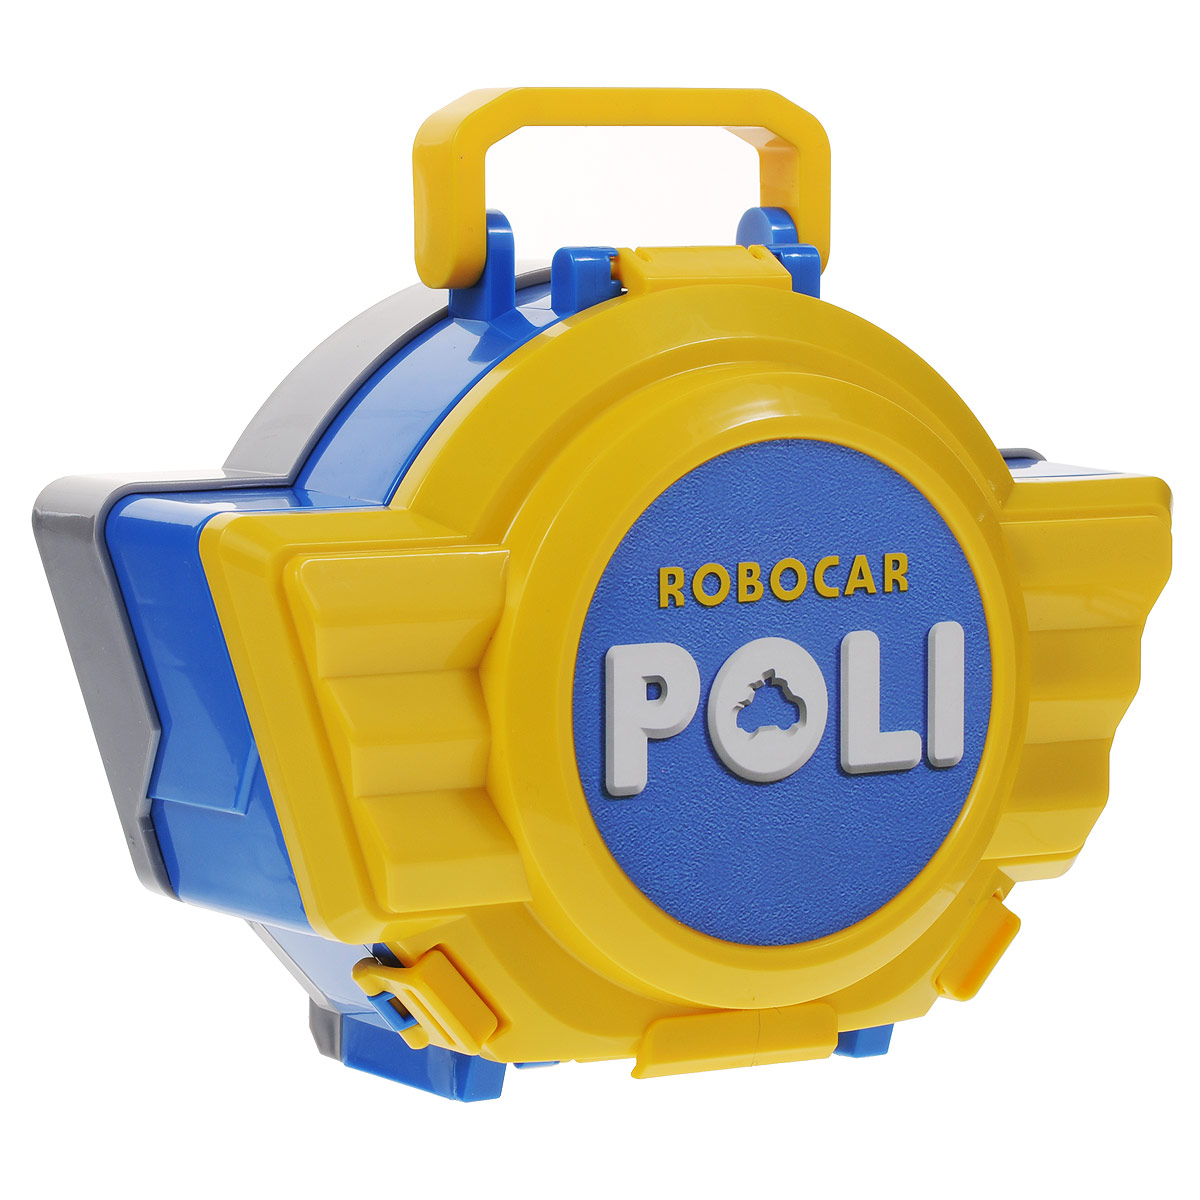 Robocar Poli Игрушка-кейс для трансформера Поли цвет желтый синий кейс для трансформера robocar poli поли